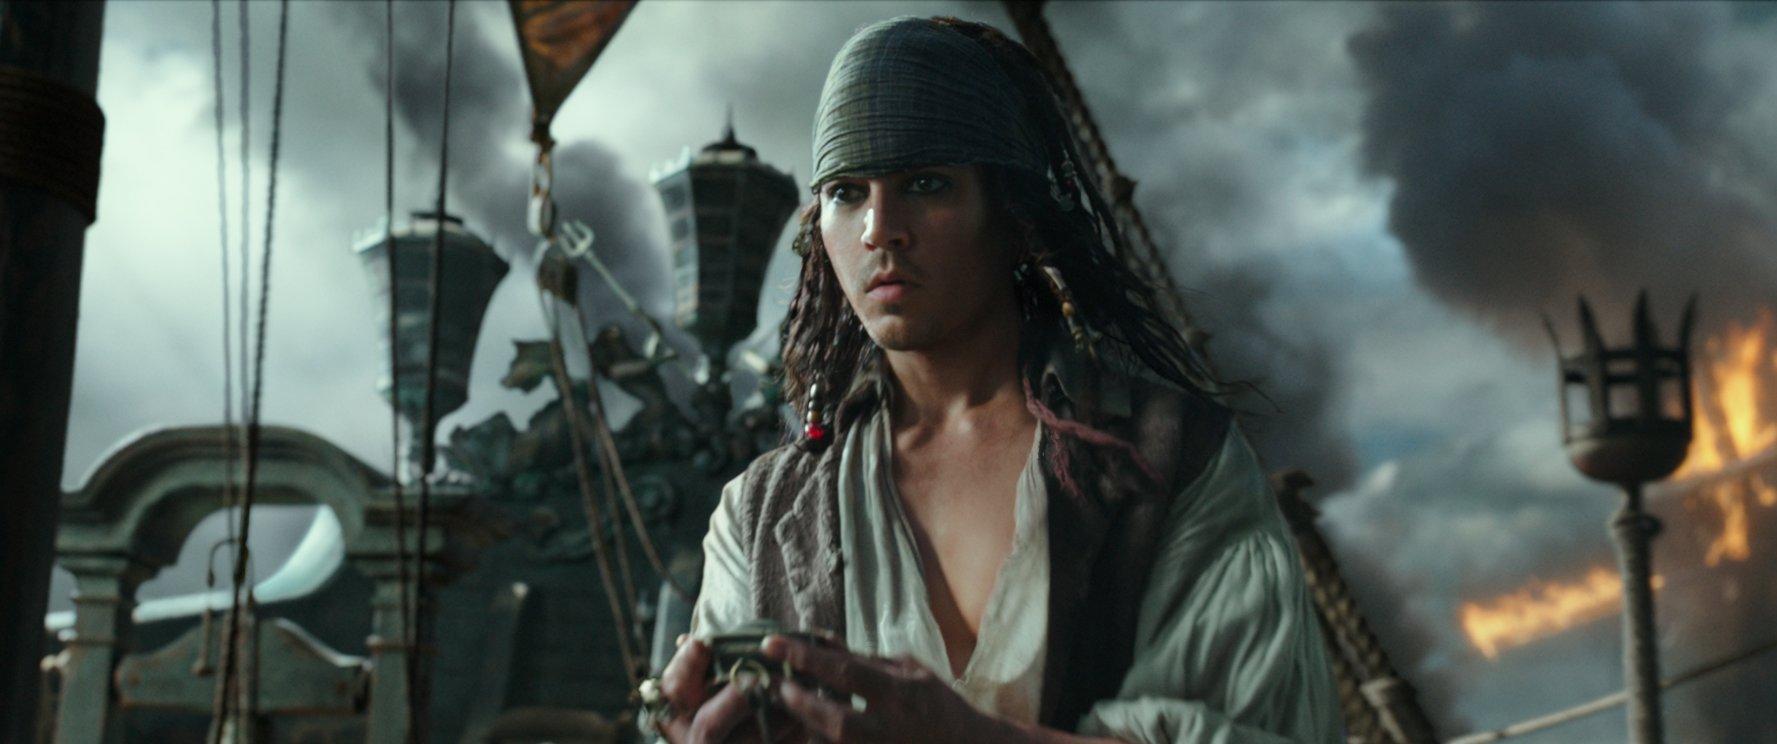 Новый промо-ролик «Пиратов Карибского моря 5» | 744x1777